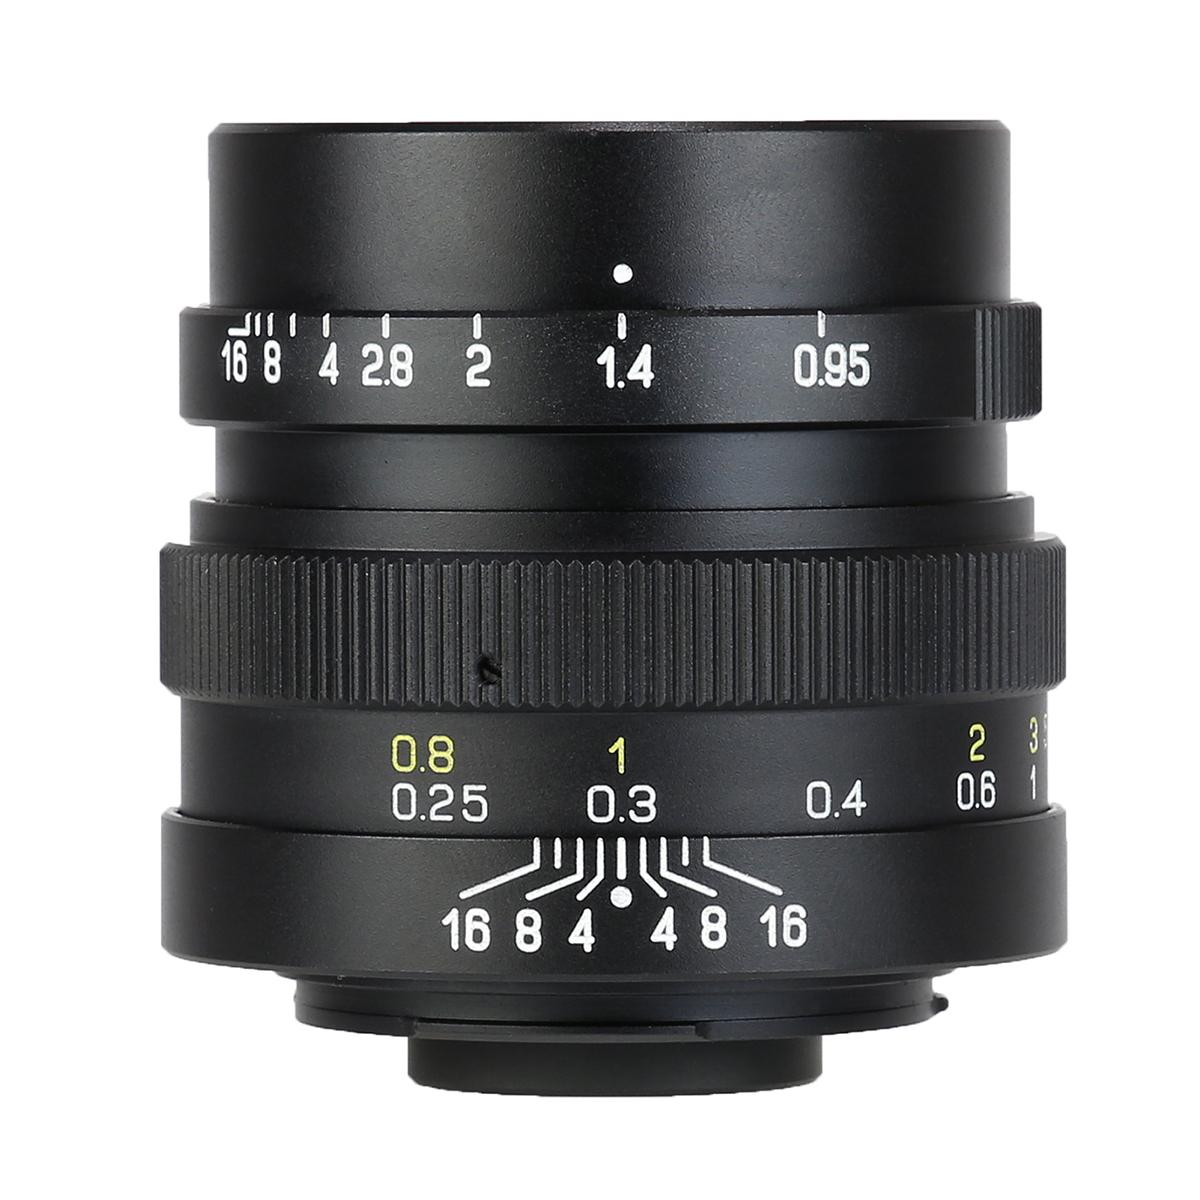 中一光学 ZHONG YI OPTICS SPEEDMASTER 25mm F0.95 - マイクロフォーサーズマウント 単焦点レンズ